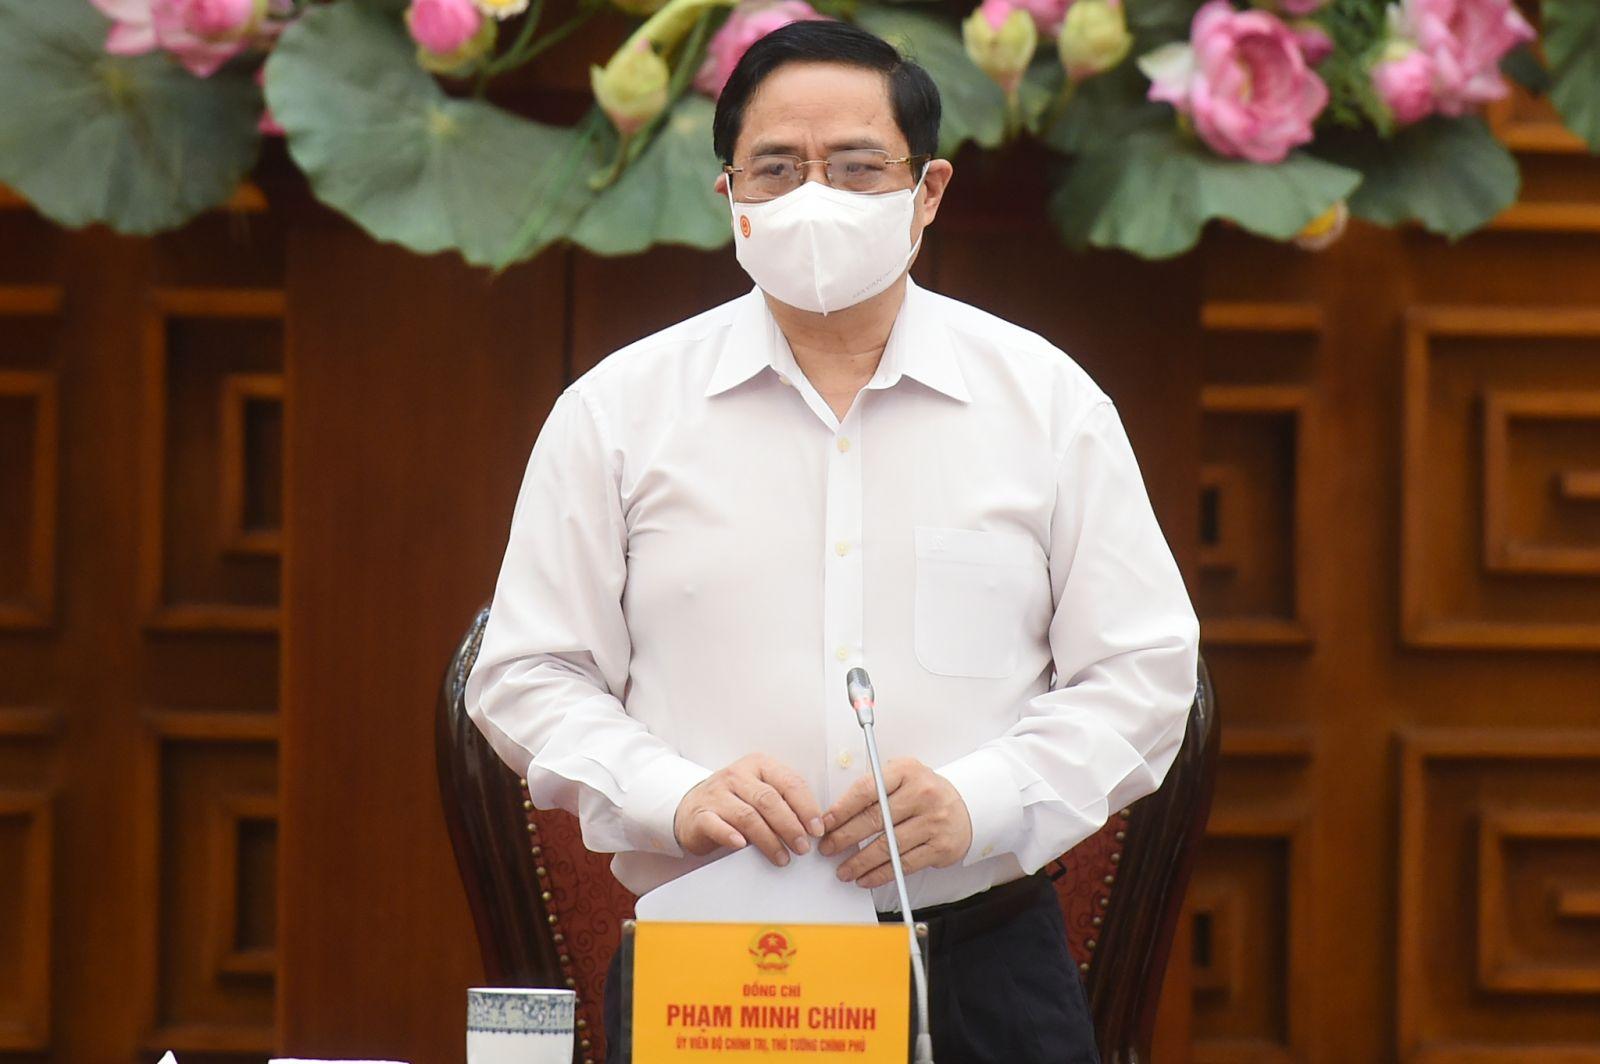 Thủ tướng Phạm Minh Chính. Ảnh: Báo Chính phủ